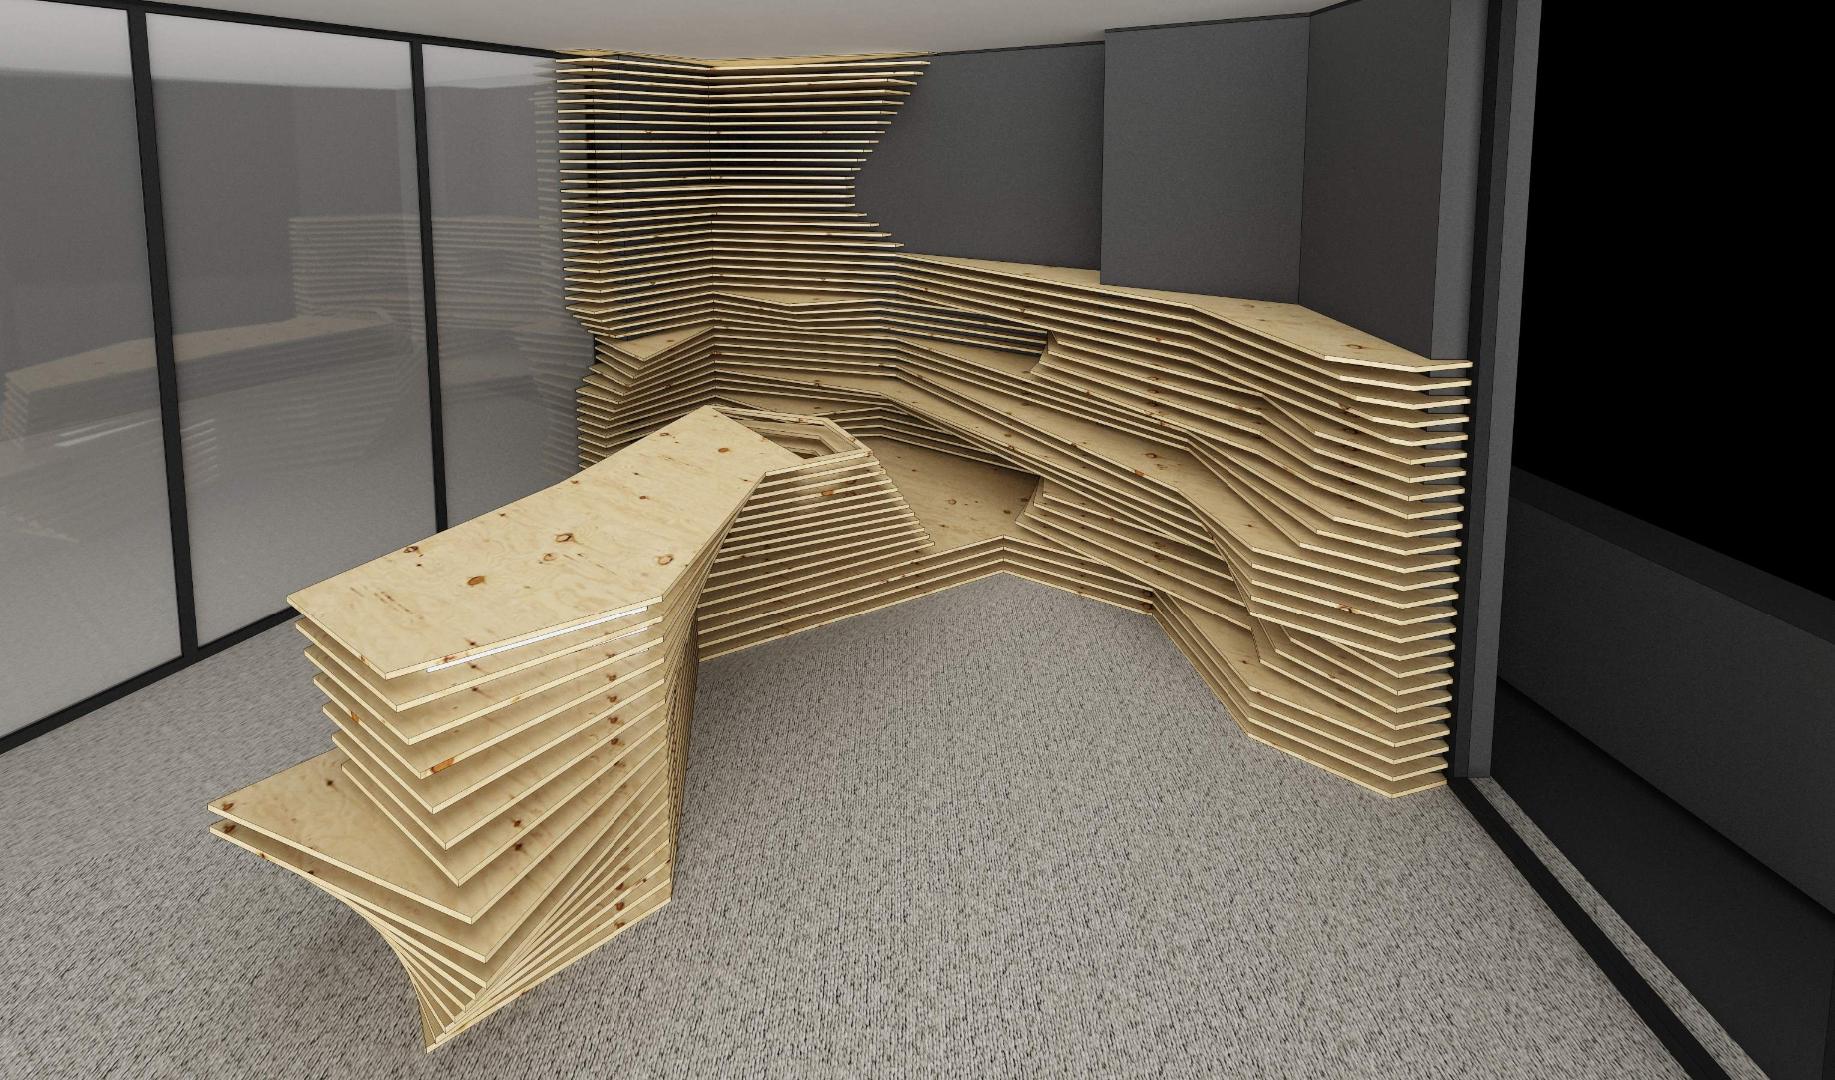 kinnarps receptie placari lemn corian expunere front desk018